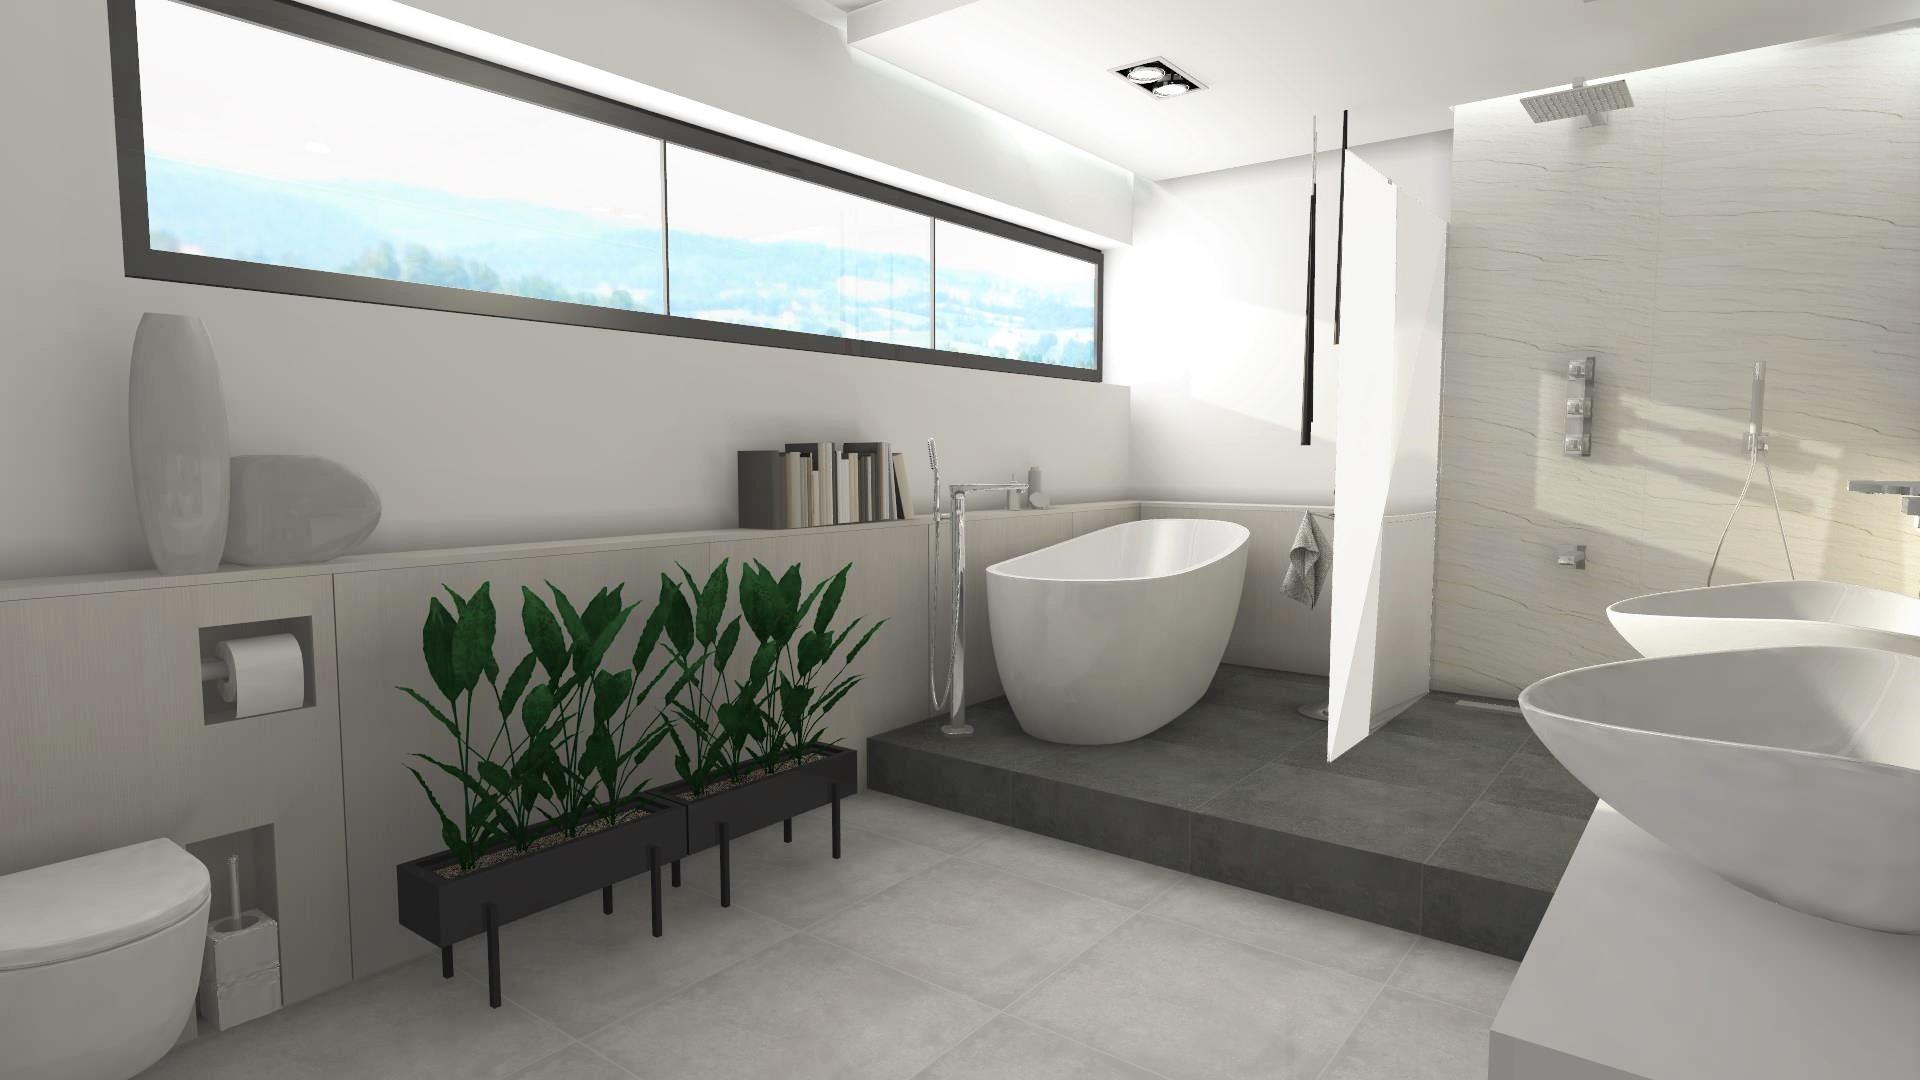 projekt wnętrza_projekt łazienki_Lubin_głogów_polskowice_Legnica_designbox_marta_bednarska_małek